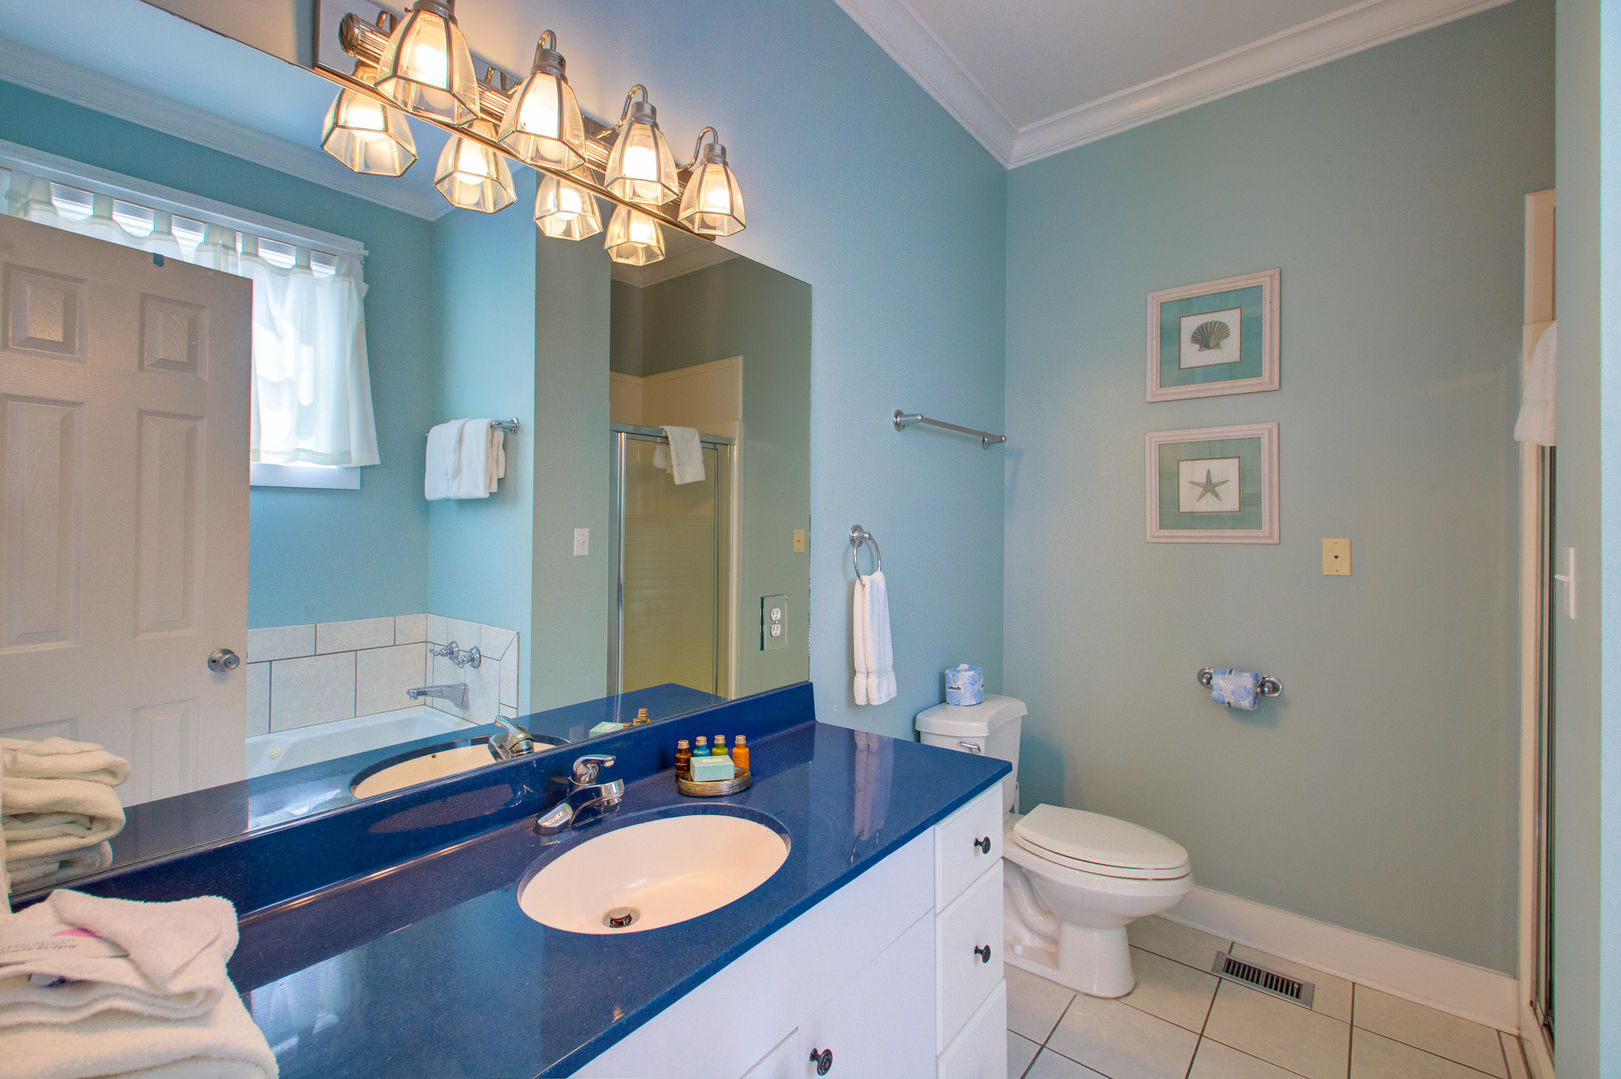 Single Vanity Sink, Mirror, Wall Lamp, and Toilet.